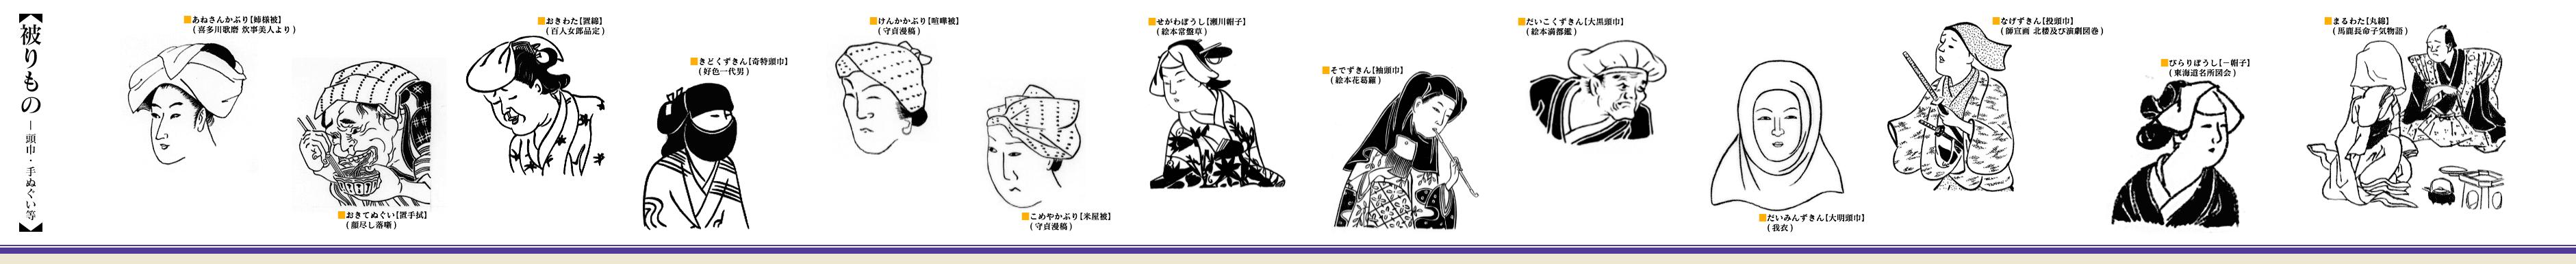 被りもの~頭巾、手ぬぐい等 | 日国の図版